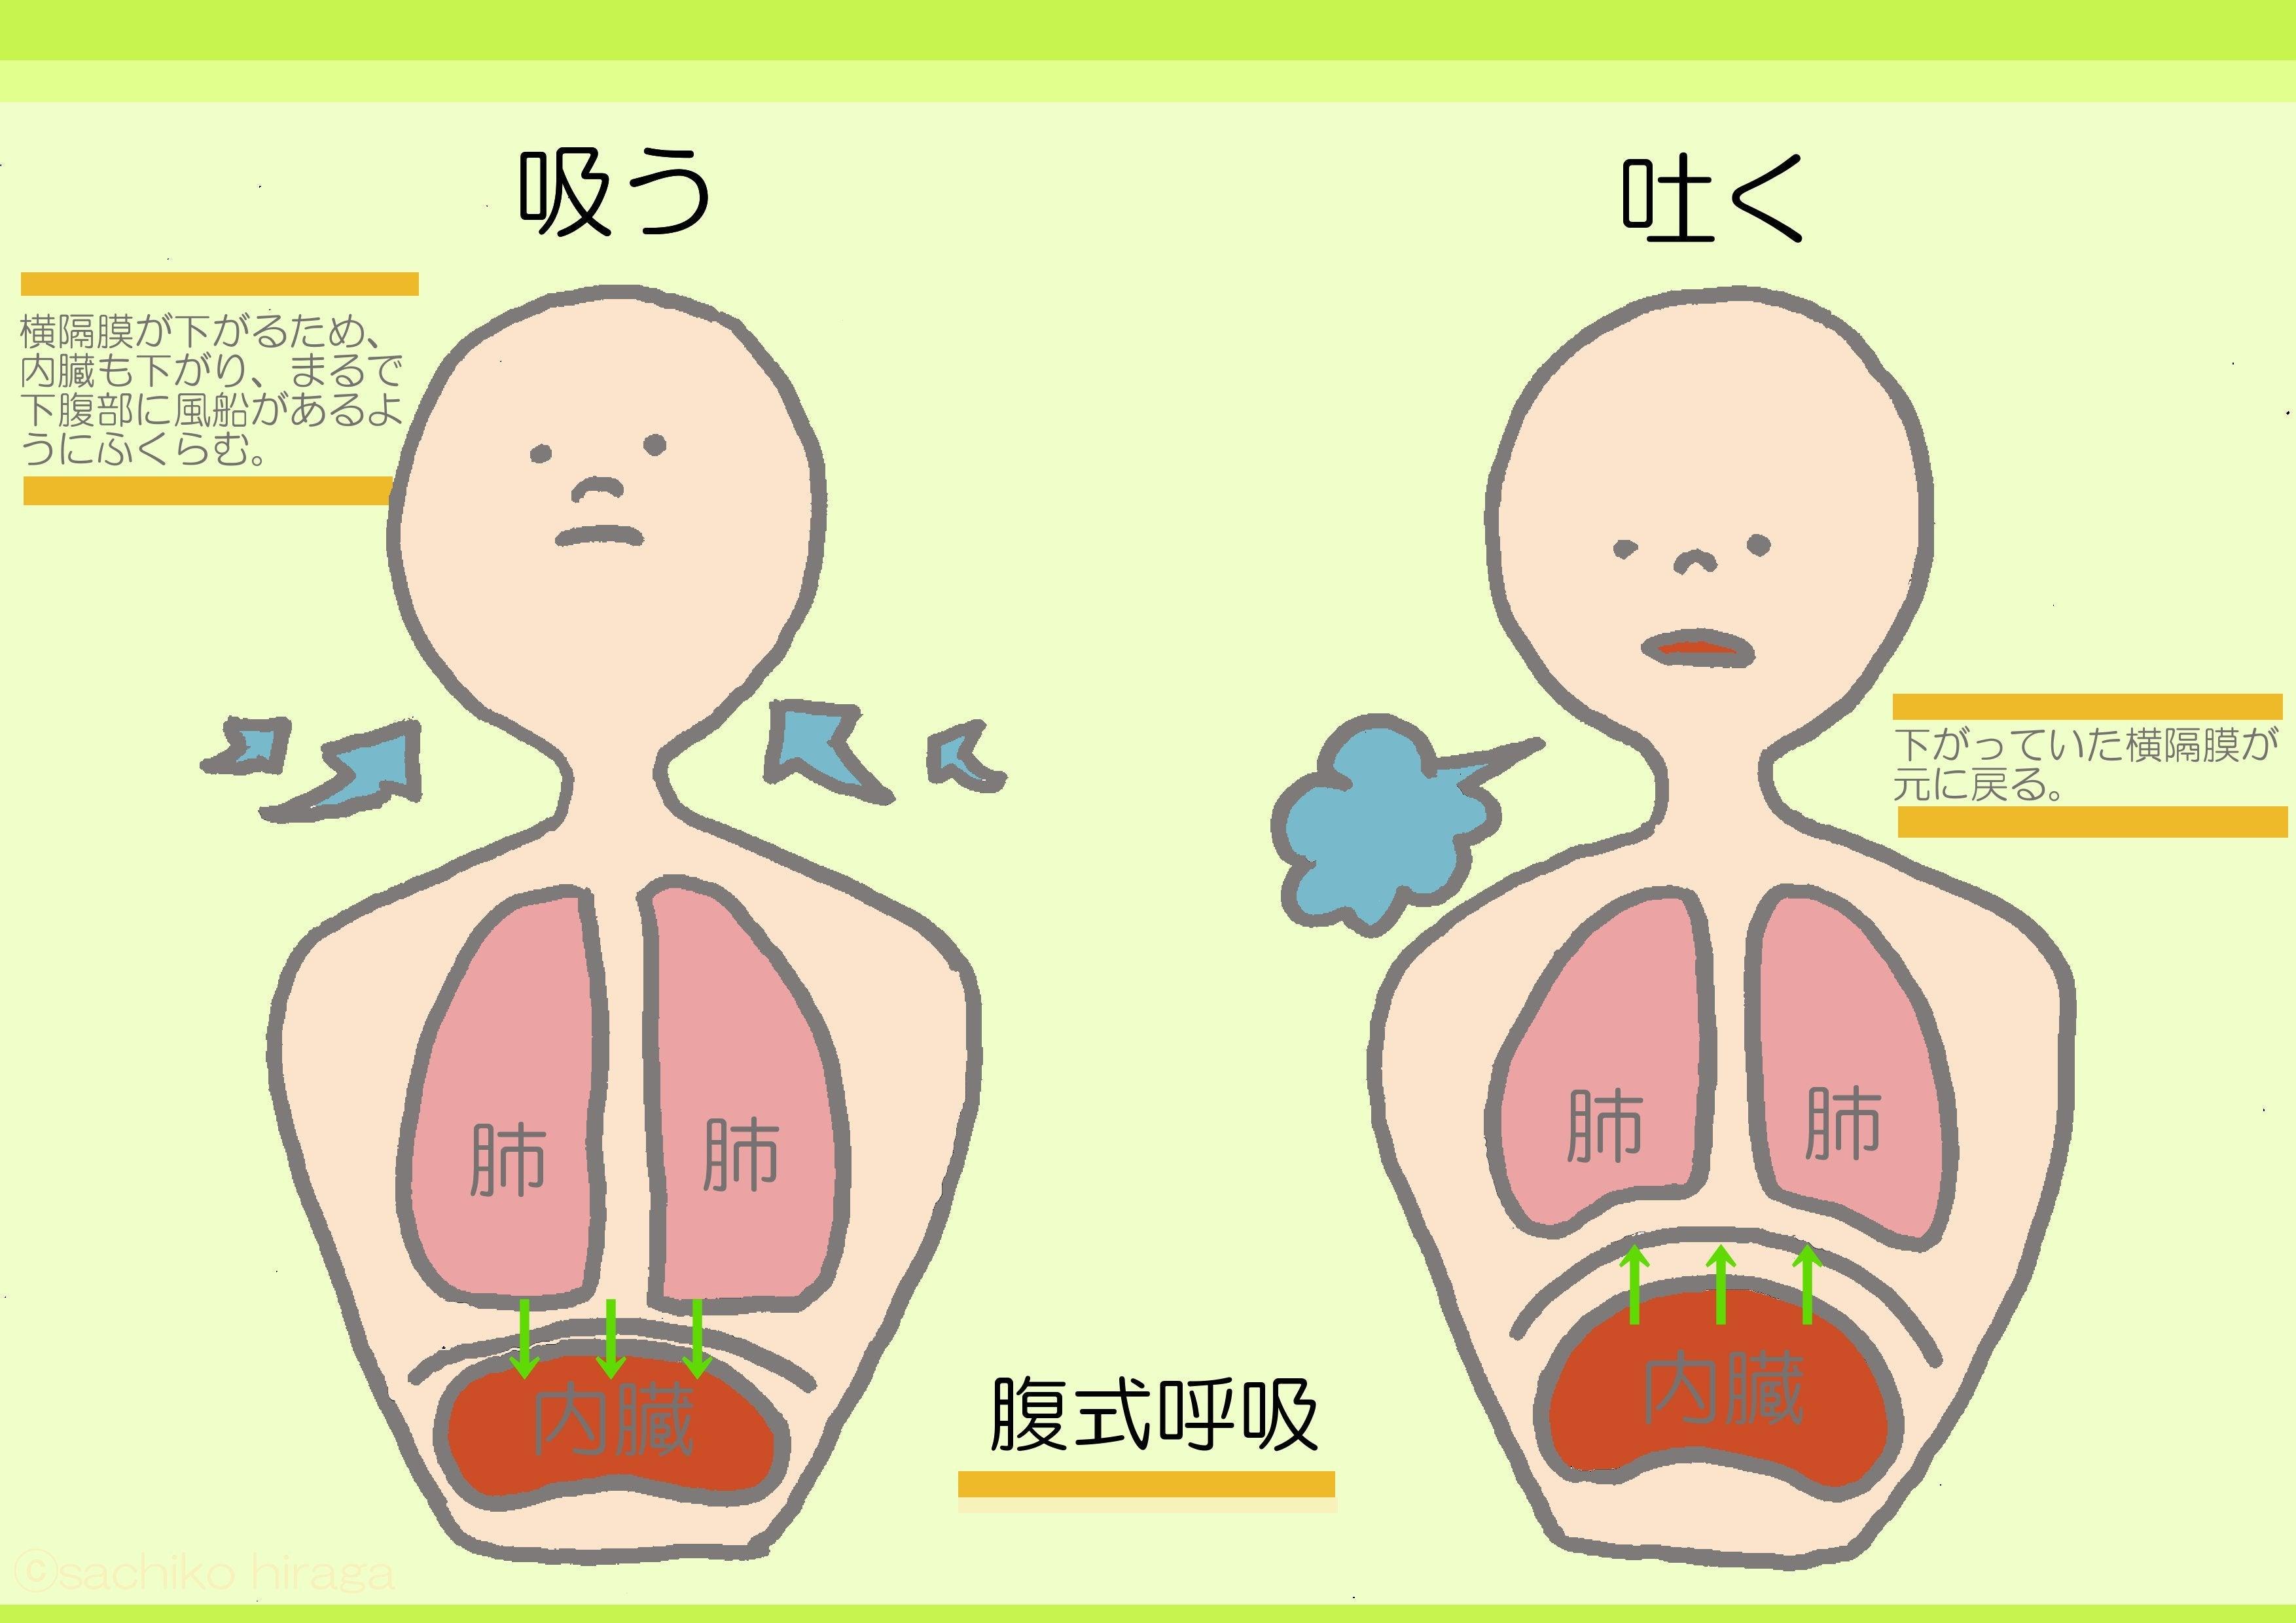 呼吸 と は 腹 式